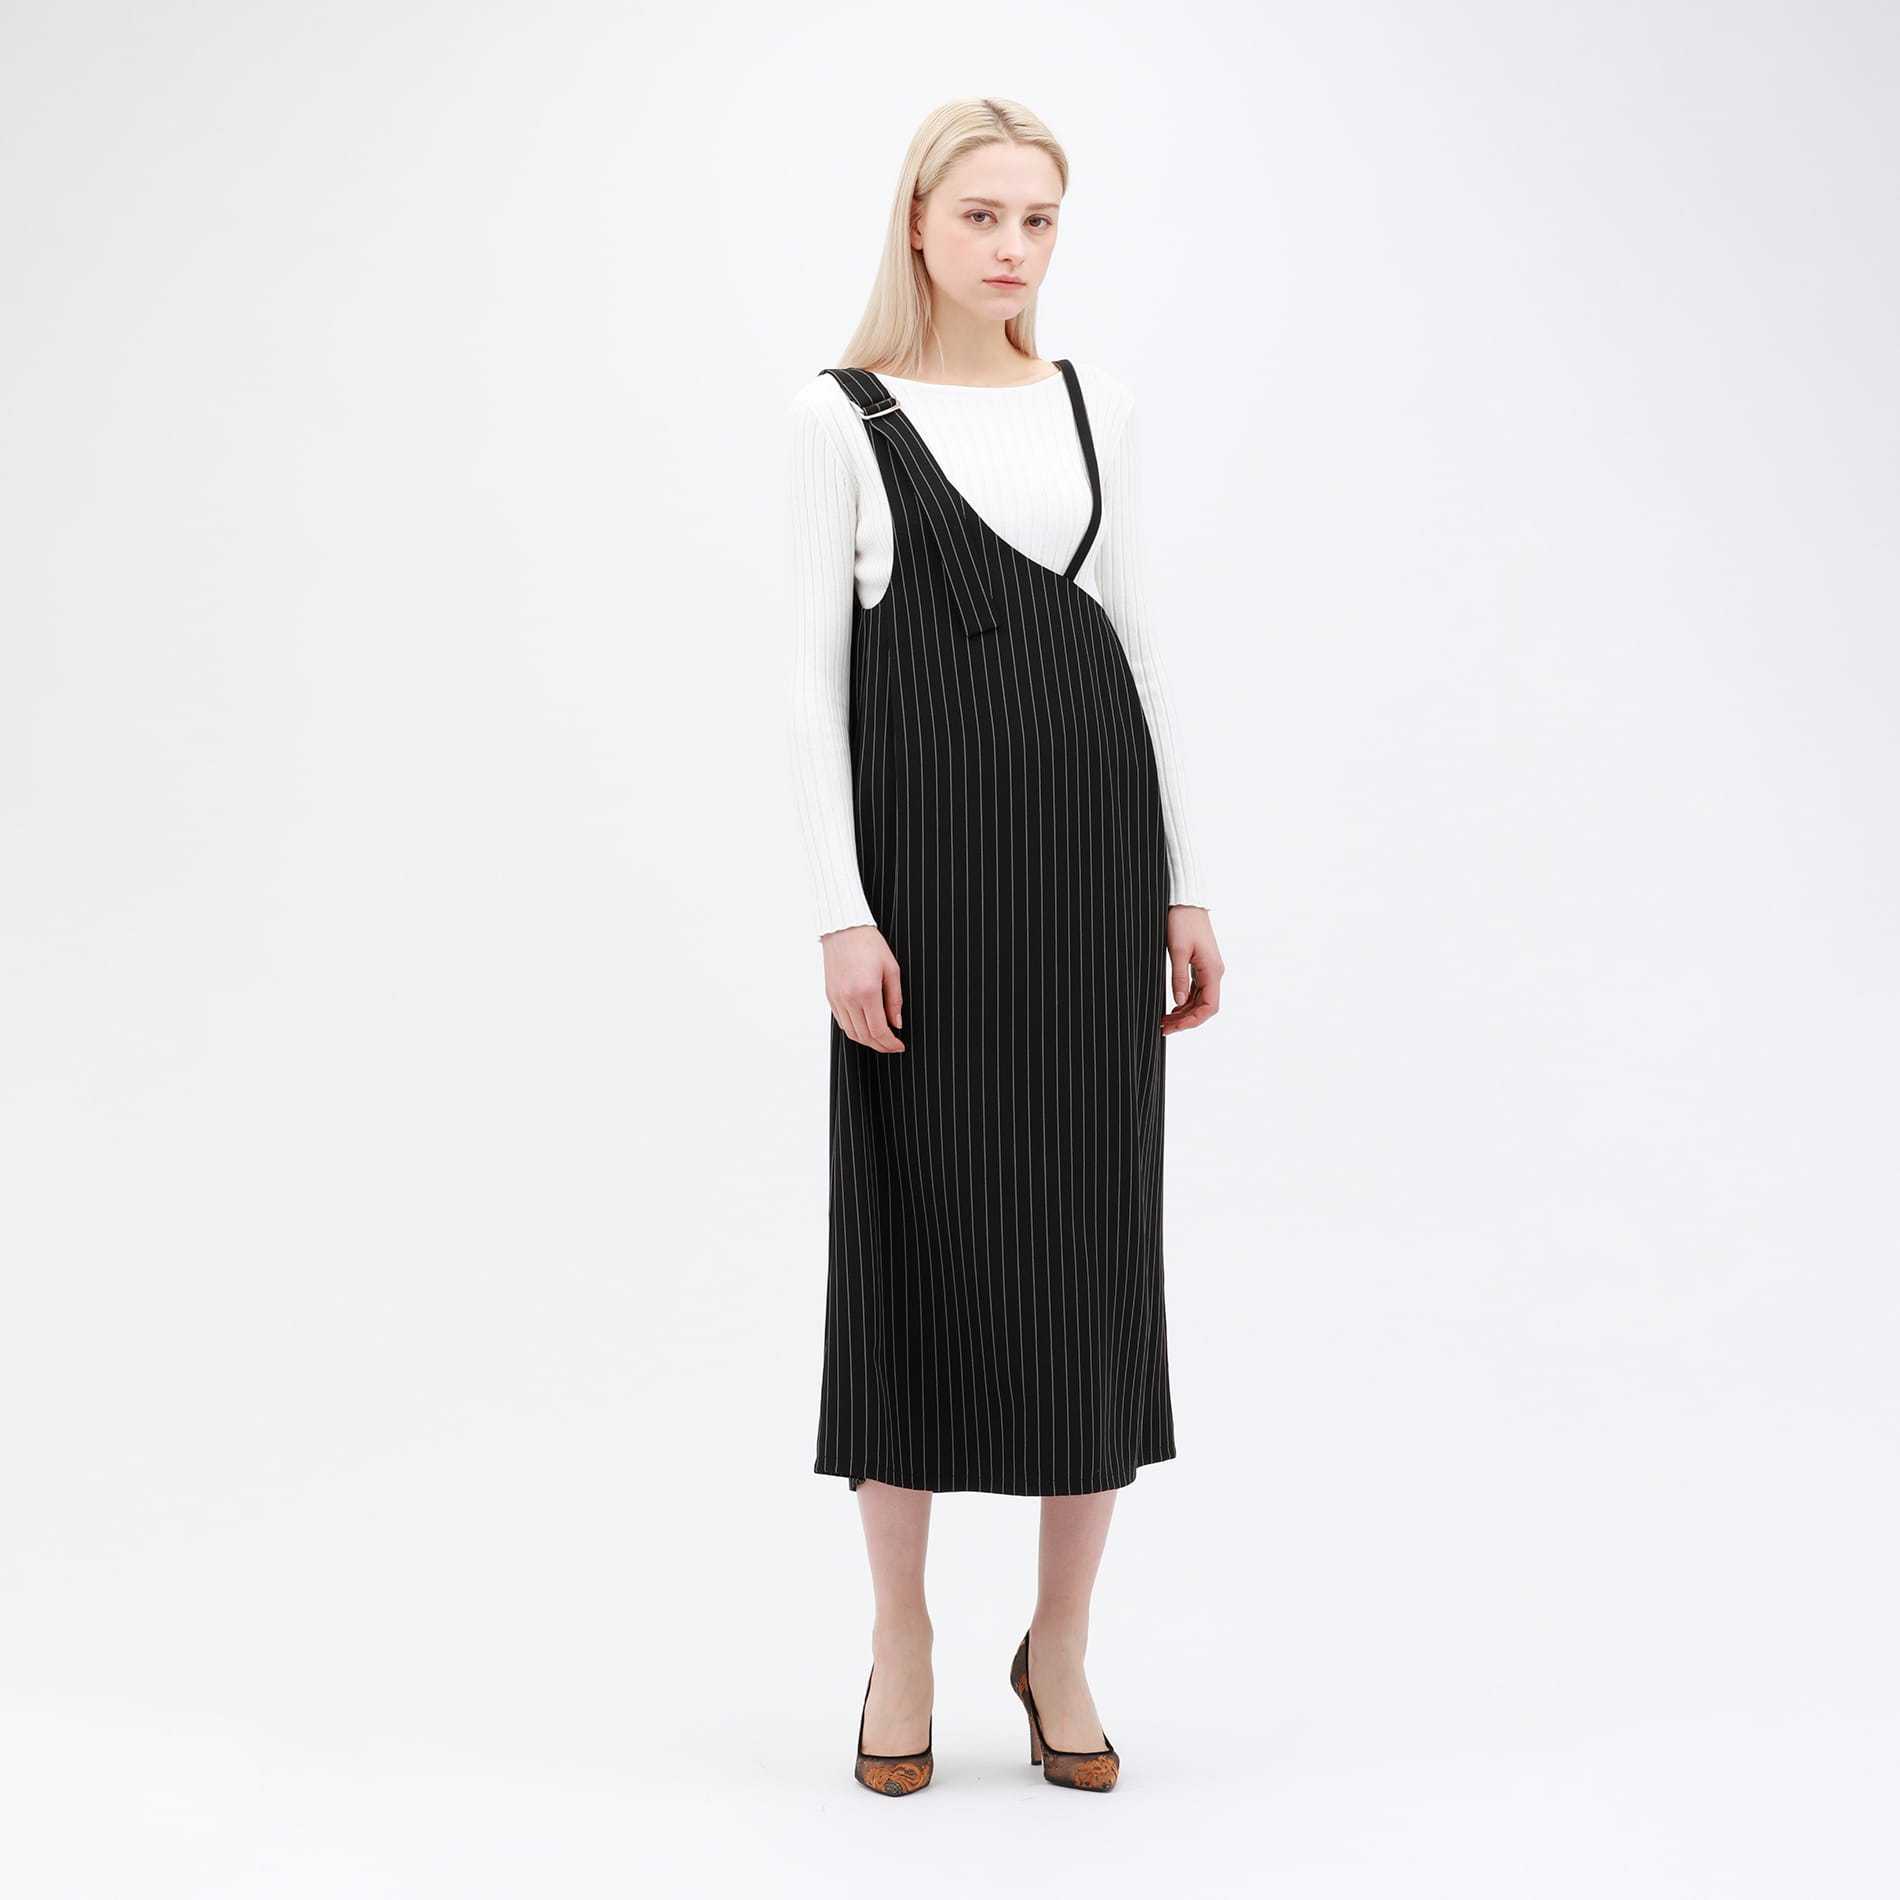 ワンショルダー スタイリング ドレス